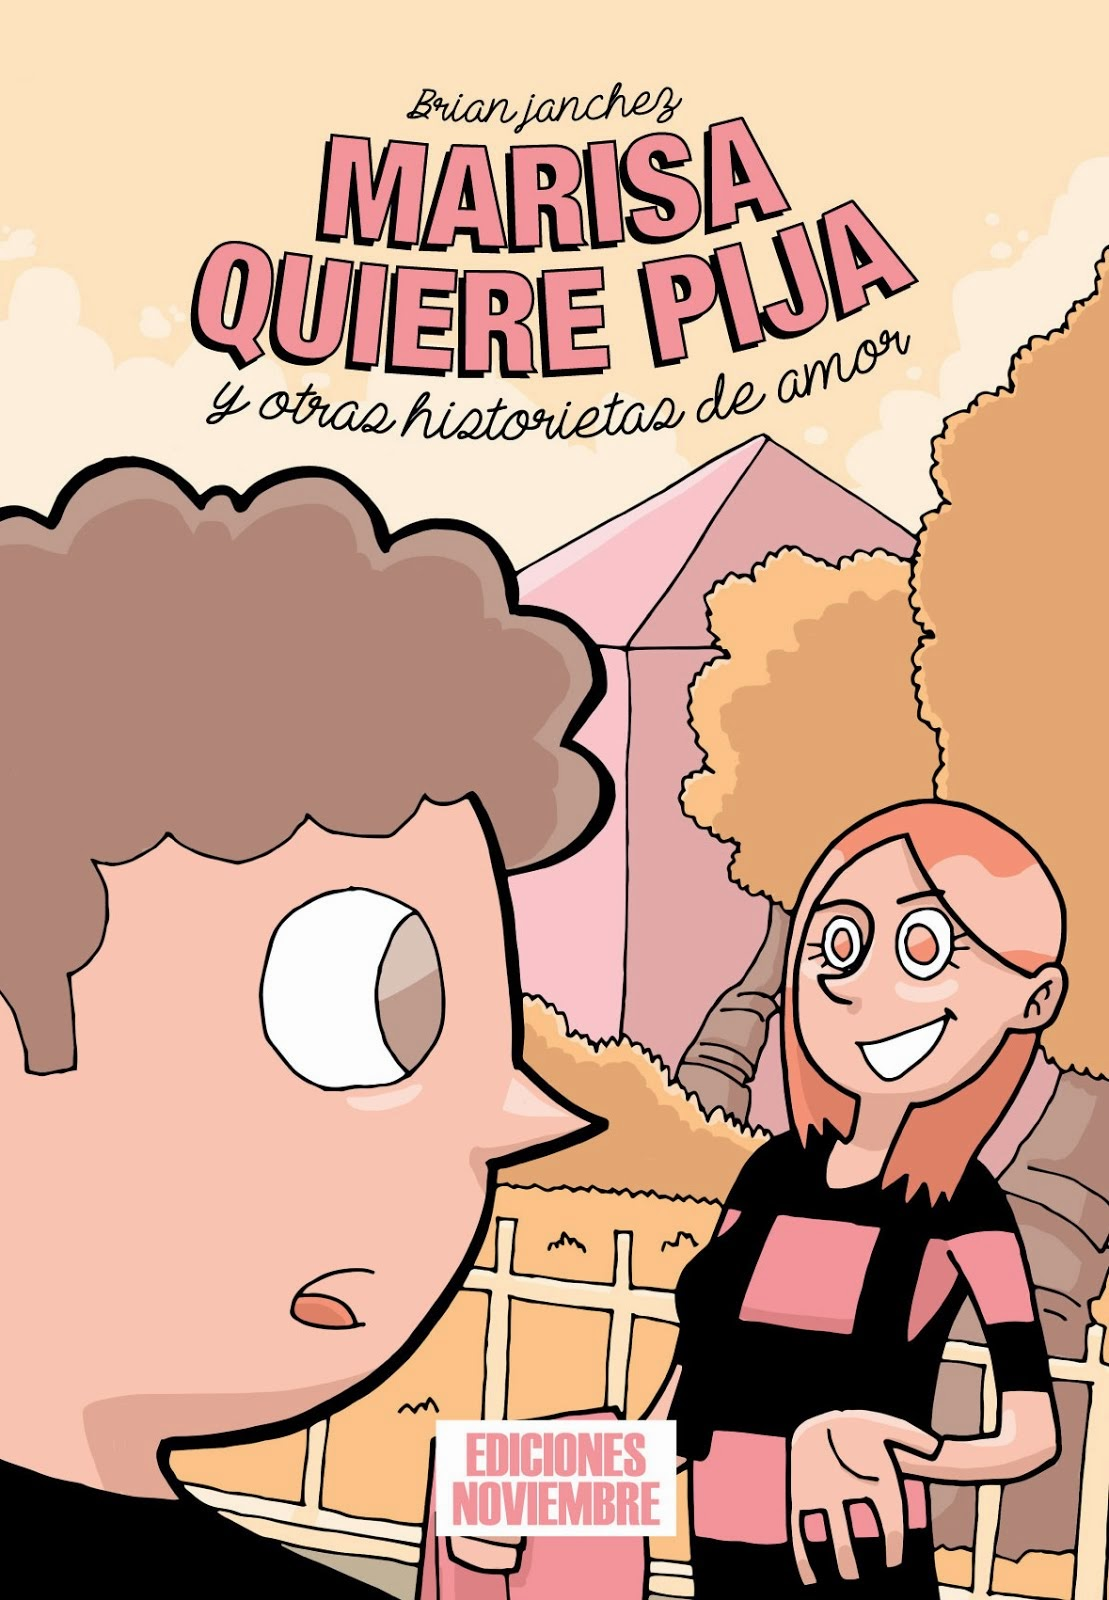 Marisa quiere pija y otras historietas de amor